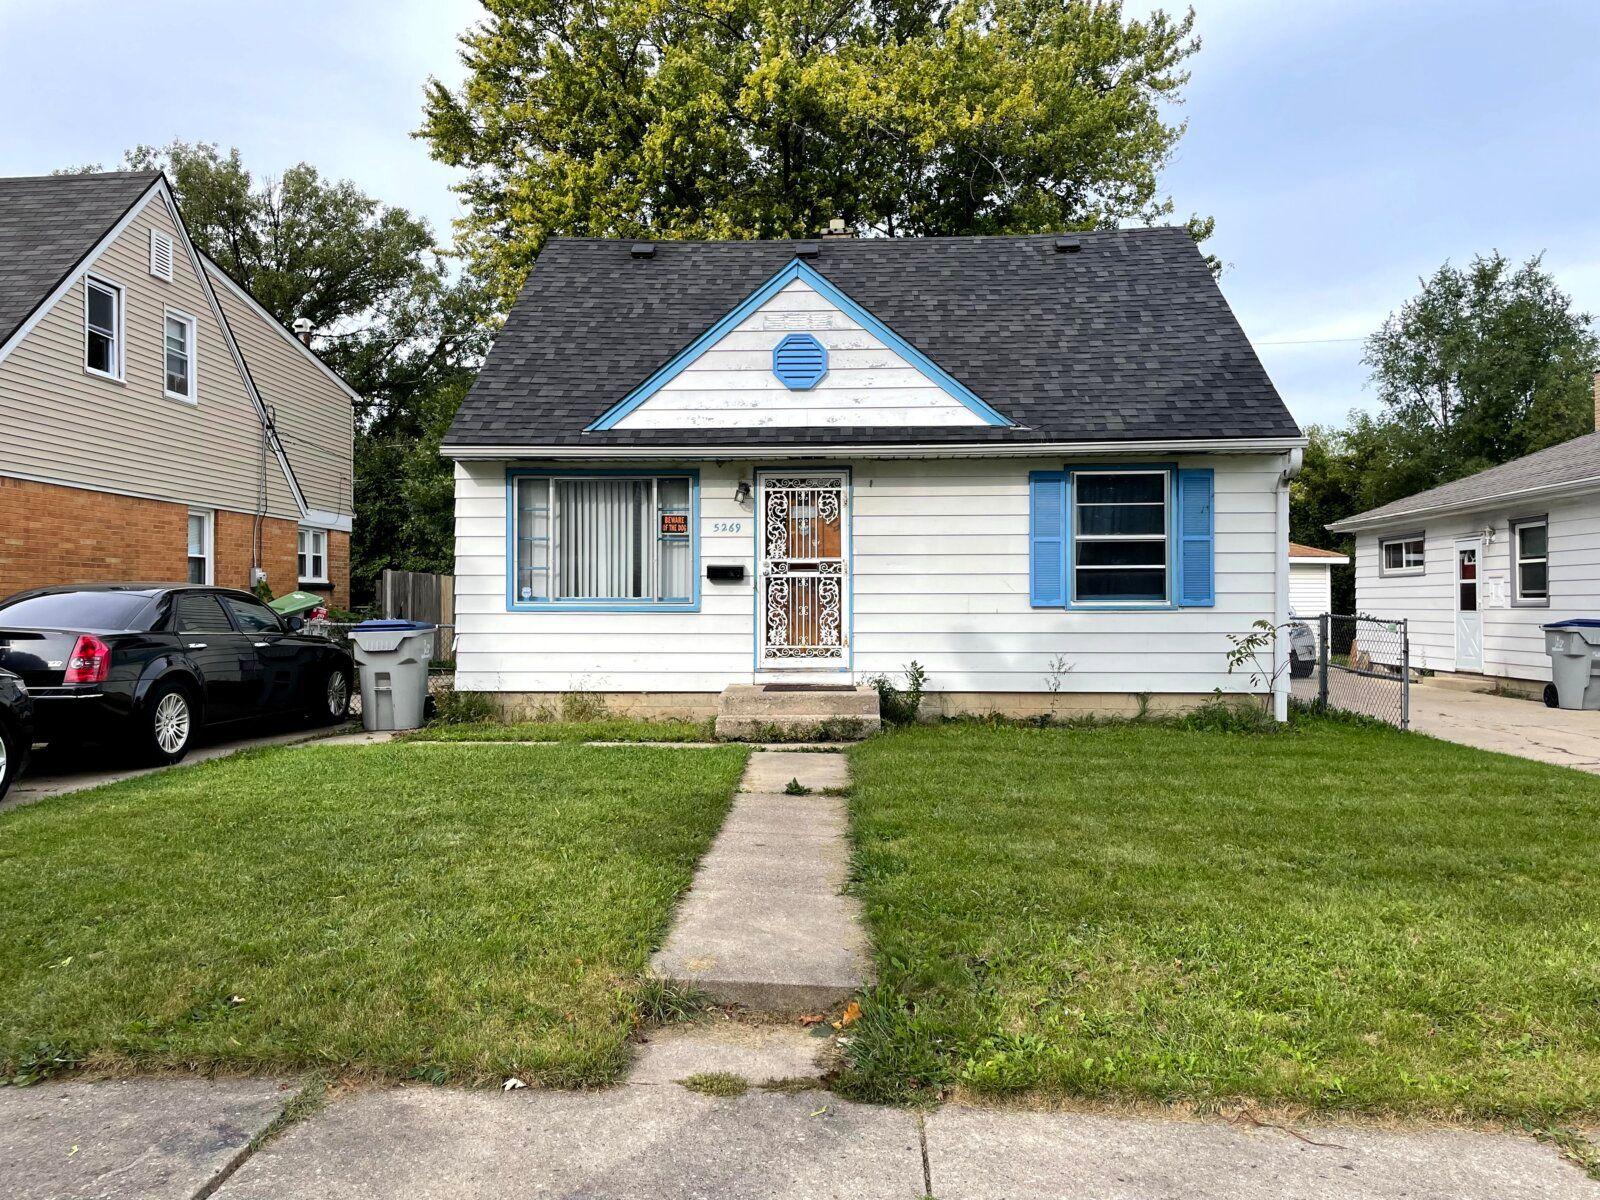 5269 N 61st St, Milwaukee, WI